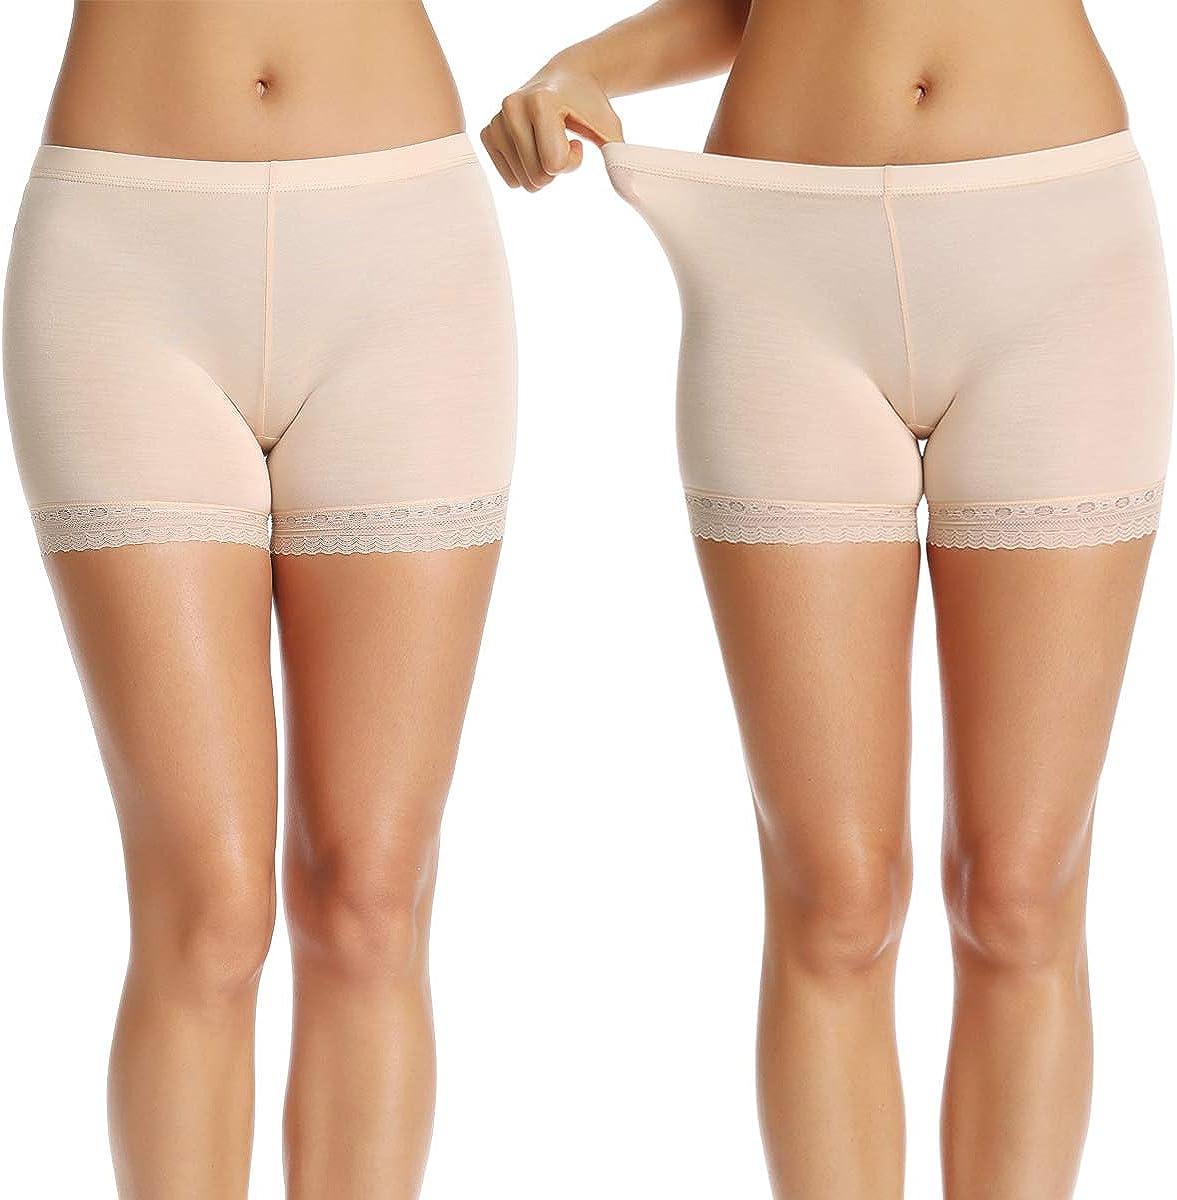 WOWENY Spitze Shorts Damen Lace Leggings Sicherheits Unterhose Sicherheits Anti-Licht Gamaschen Mittlere Taille Miederhosen Panties Elastisch Miederslips Tailenslips